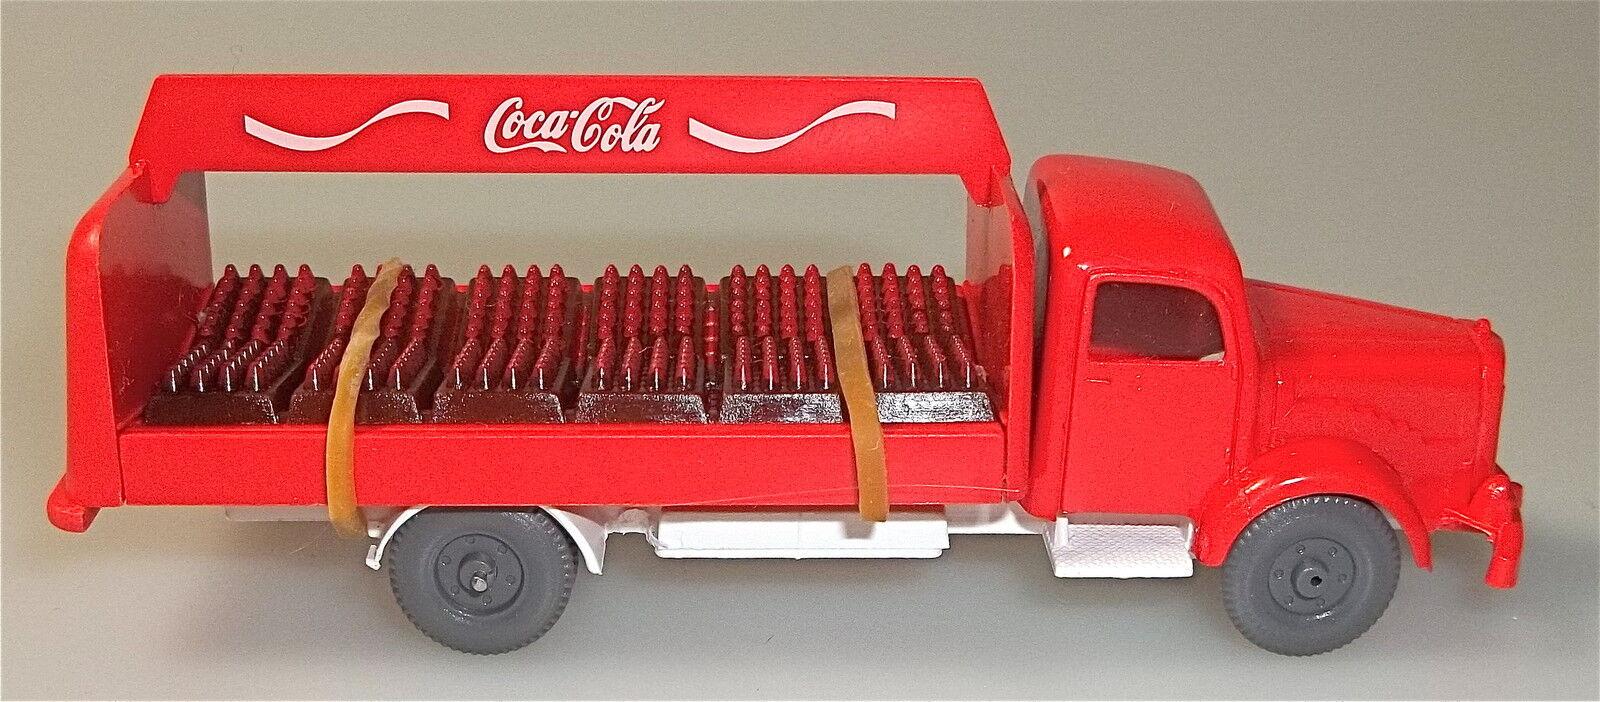 Coca Cola Transportador de Bebidas Rw Mercedes 5000 Imu 1 87 Å